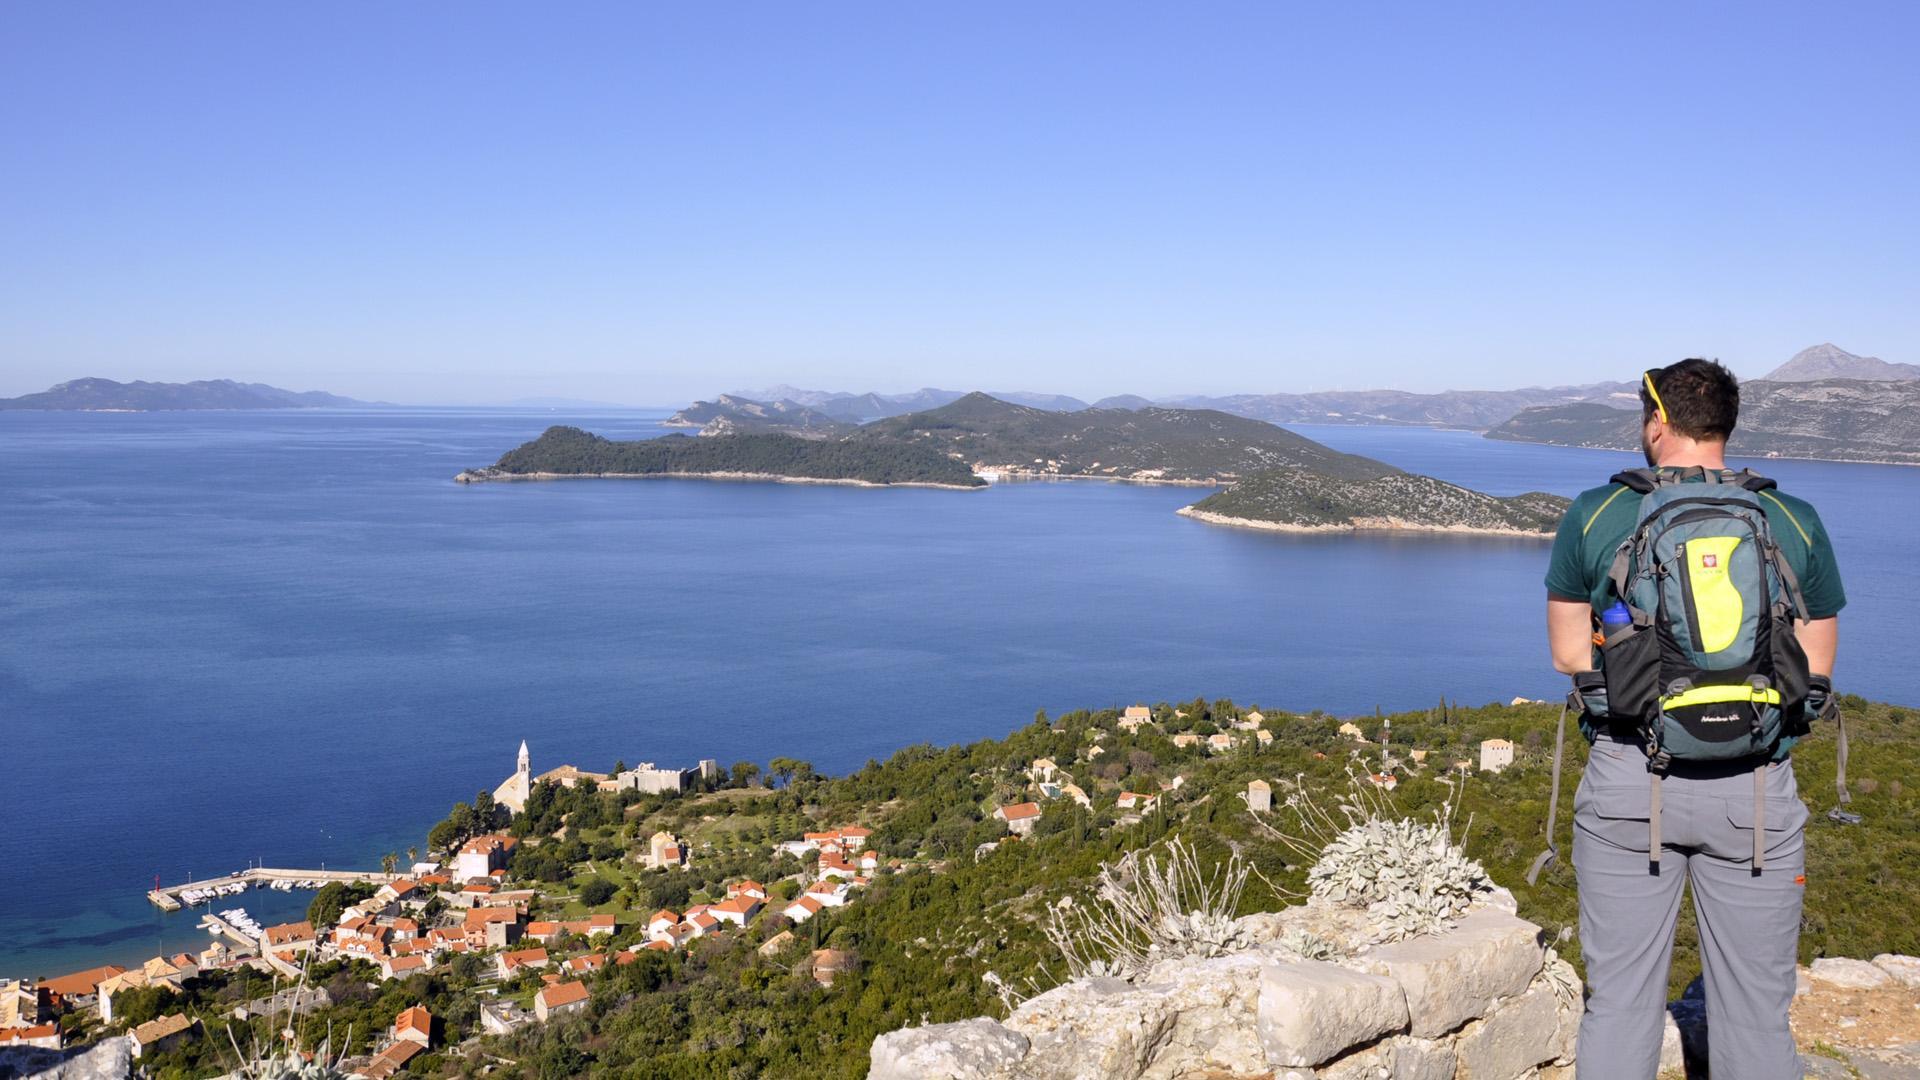 Pješačenje otocima od Splita do Dubrovnika